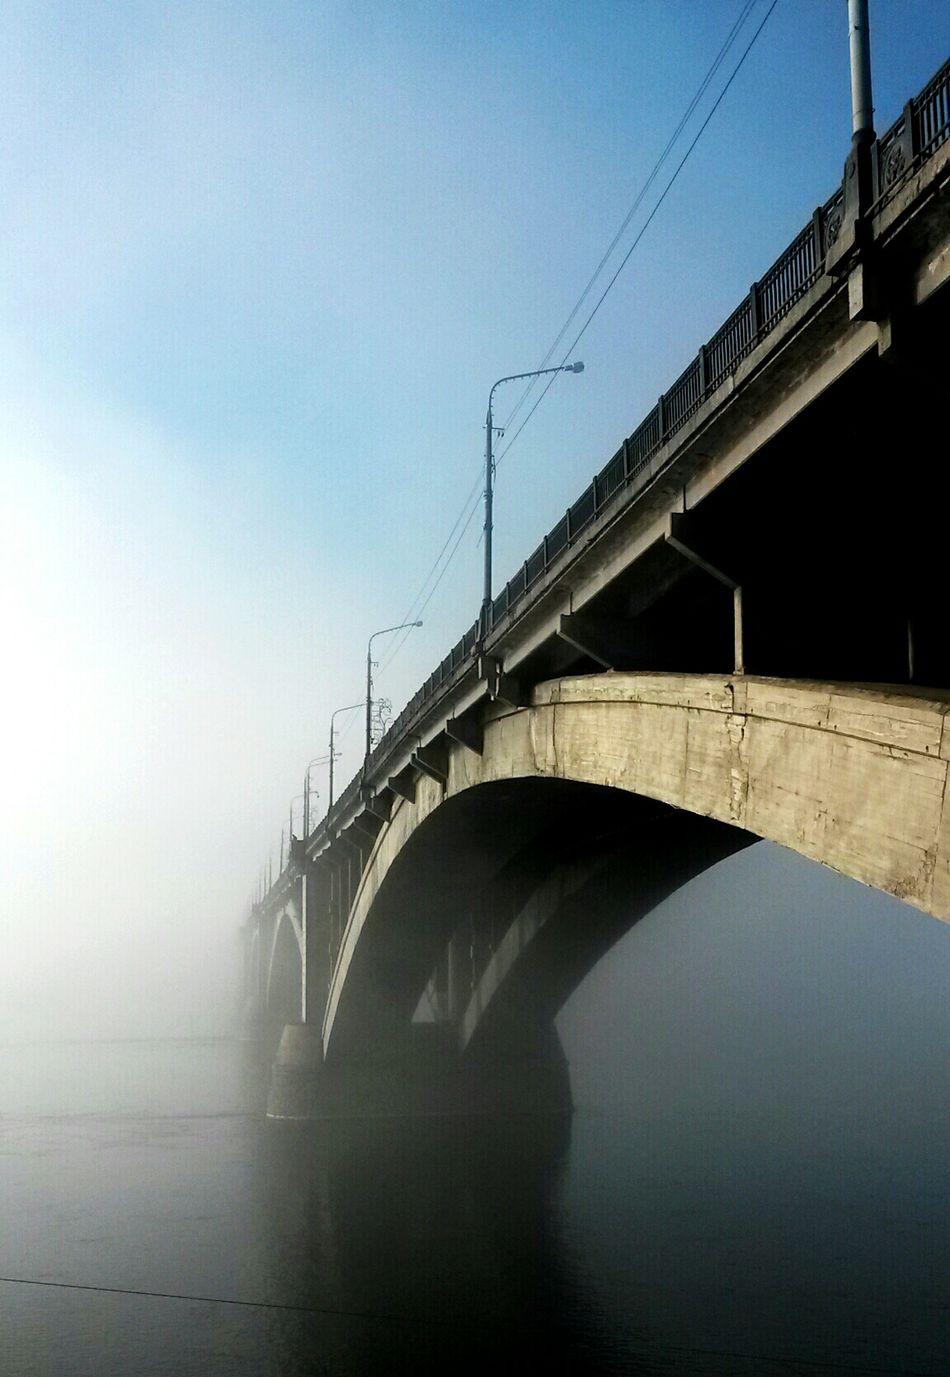 Туман на Енисее Енисей Коммунальный мост Красноярск красноярск мост туман